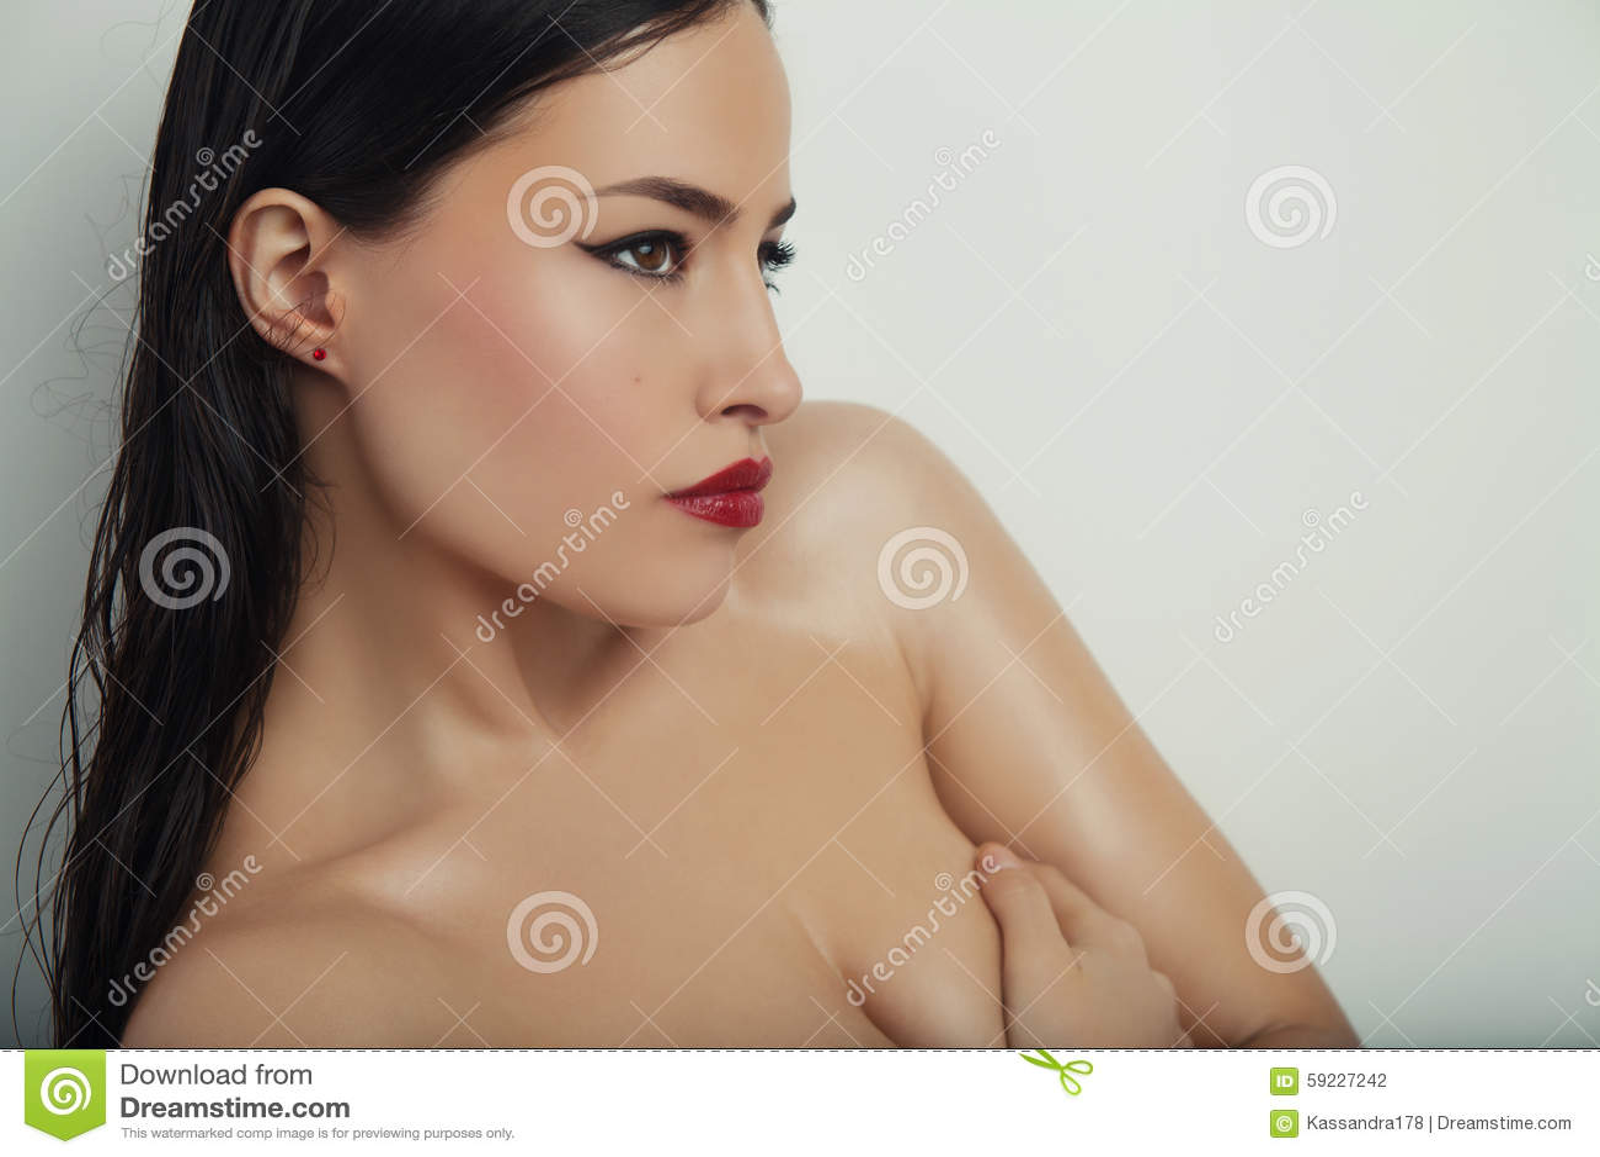 Download Belleza y maquillaje foto de archivo. Imagen de contemplación - 59227242